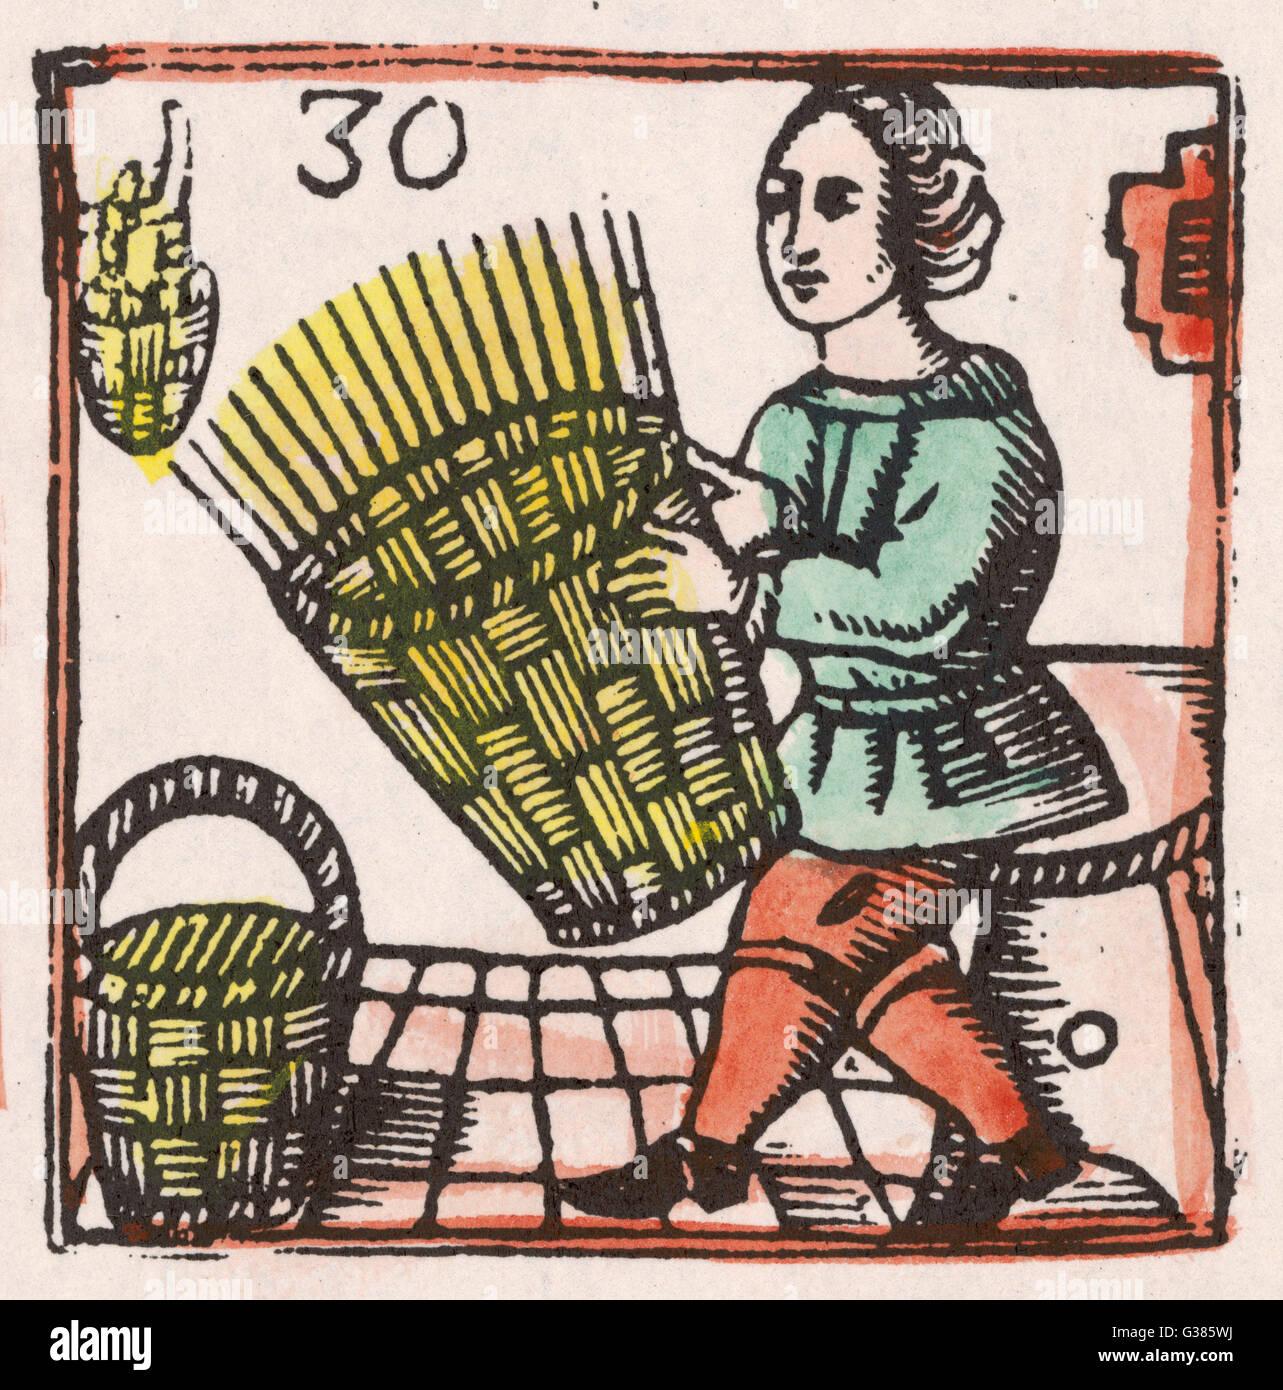 Ein Korbmacher bei der Arbeit auf einem fast fertigen Korb.         Datum: 17. Jahrhundert Stockbild